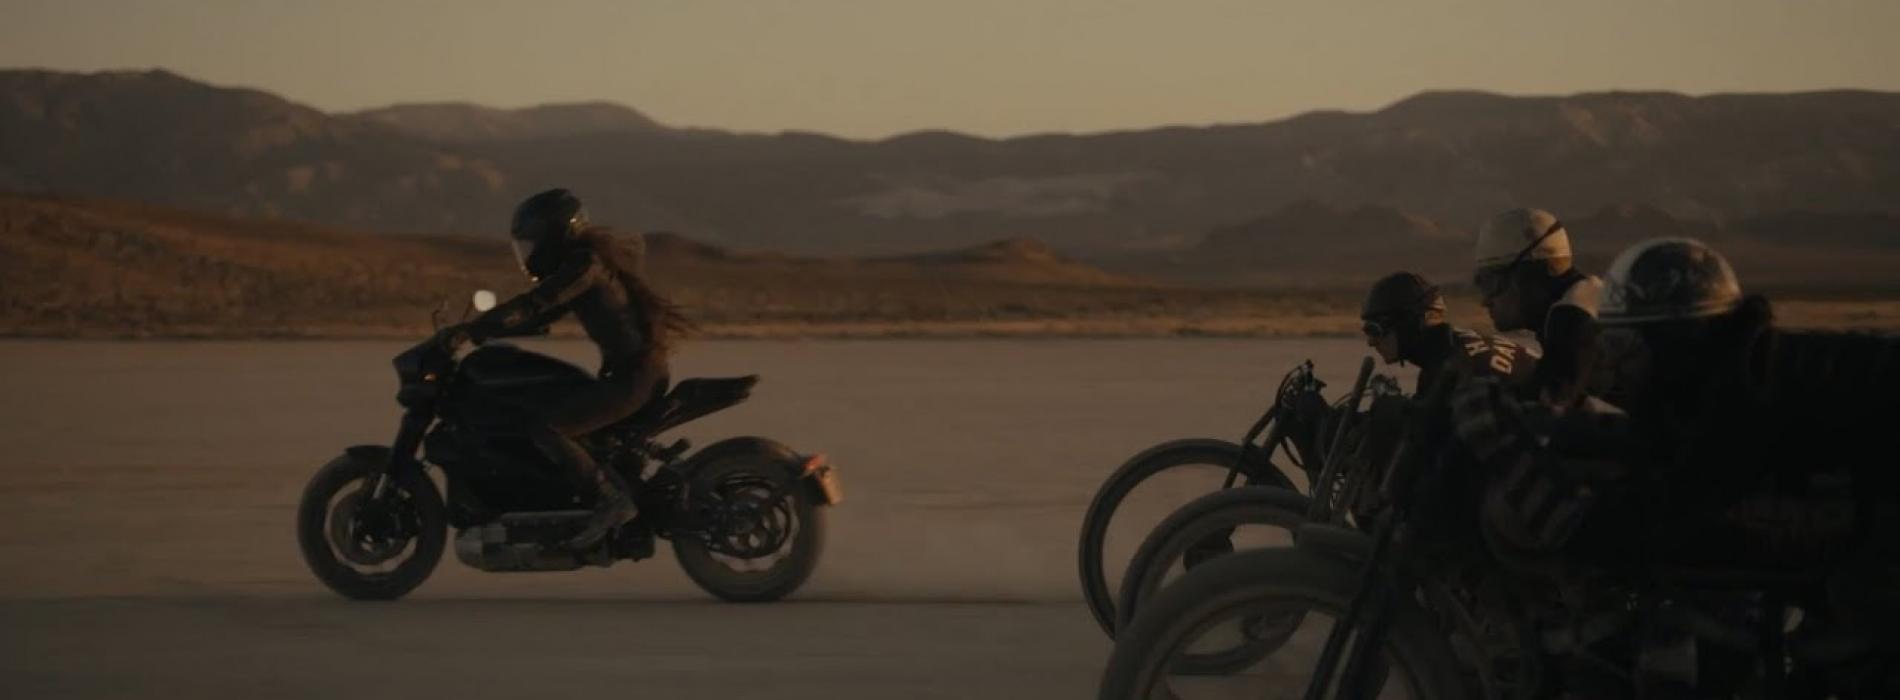 Nasce uma nova marca de motas elétricas: LiveWire (Harley-Davidson)